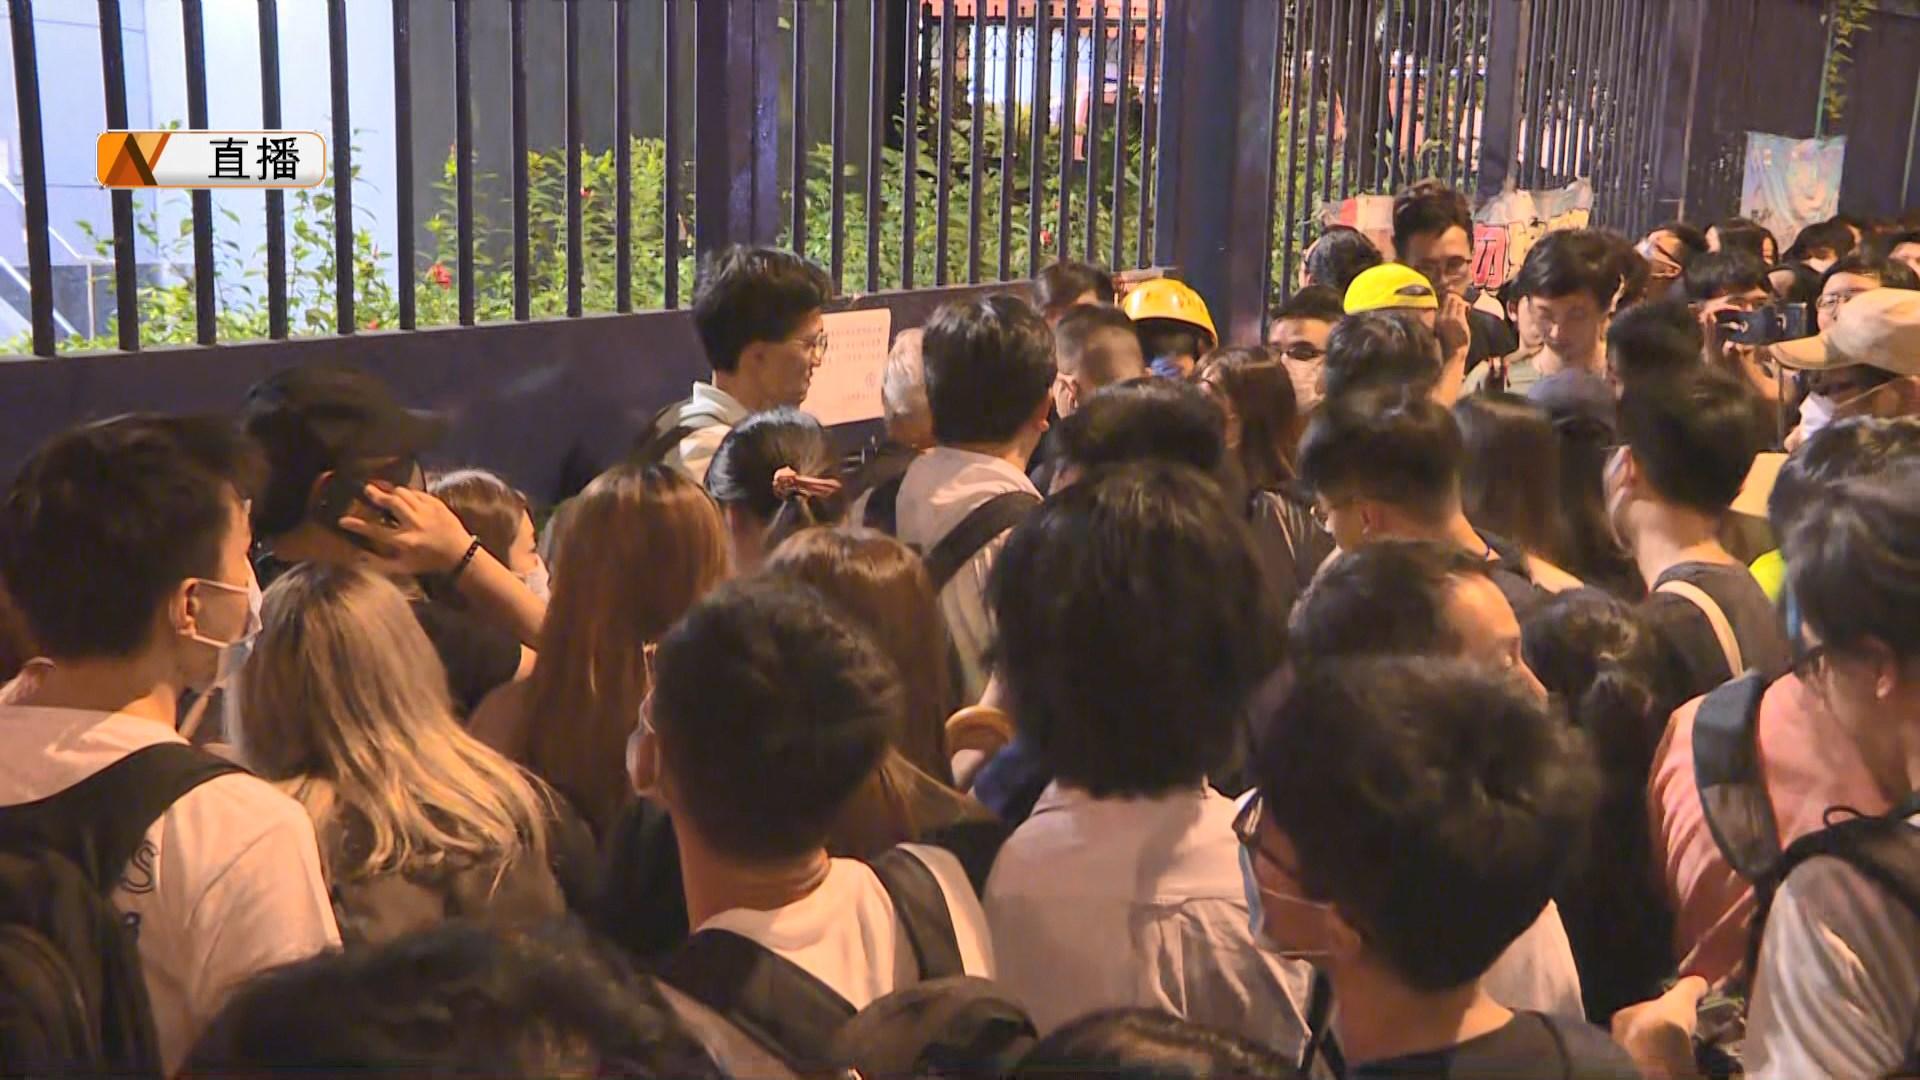 【現場報道】數百人到葵涌警署聲援被捕人士 葵涌道往沙田三線全封